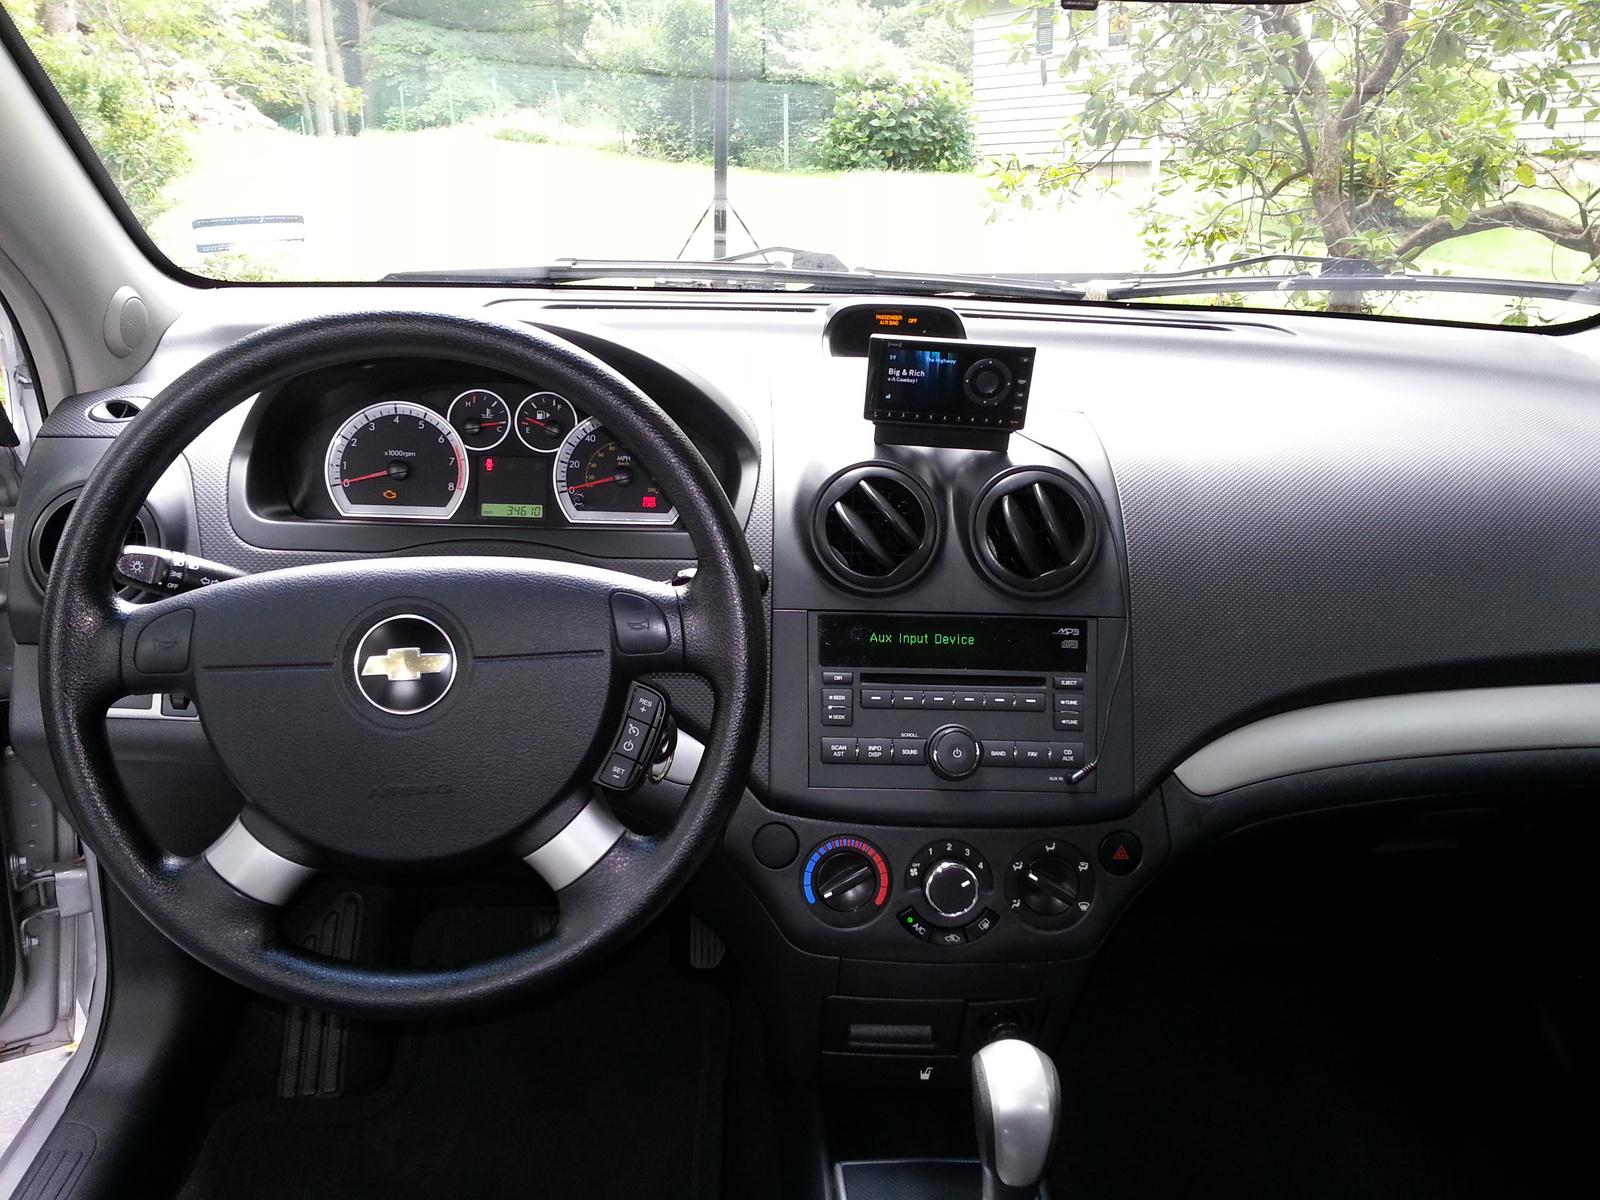 Chevrolet Aveo Aveo Lt Pic